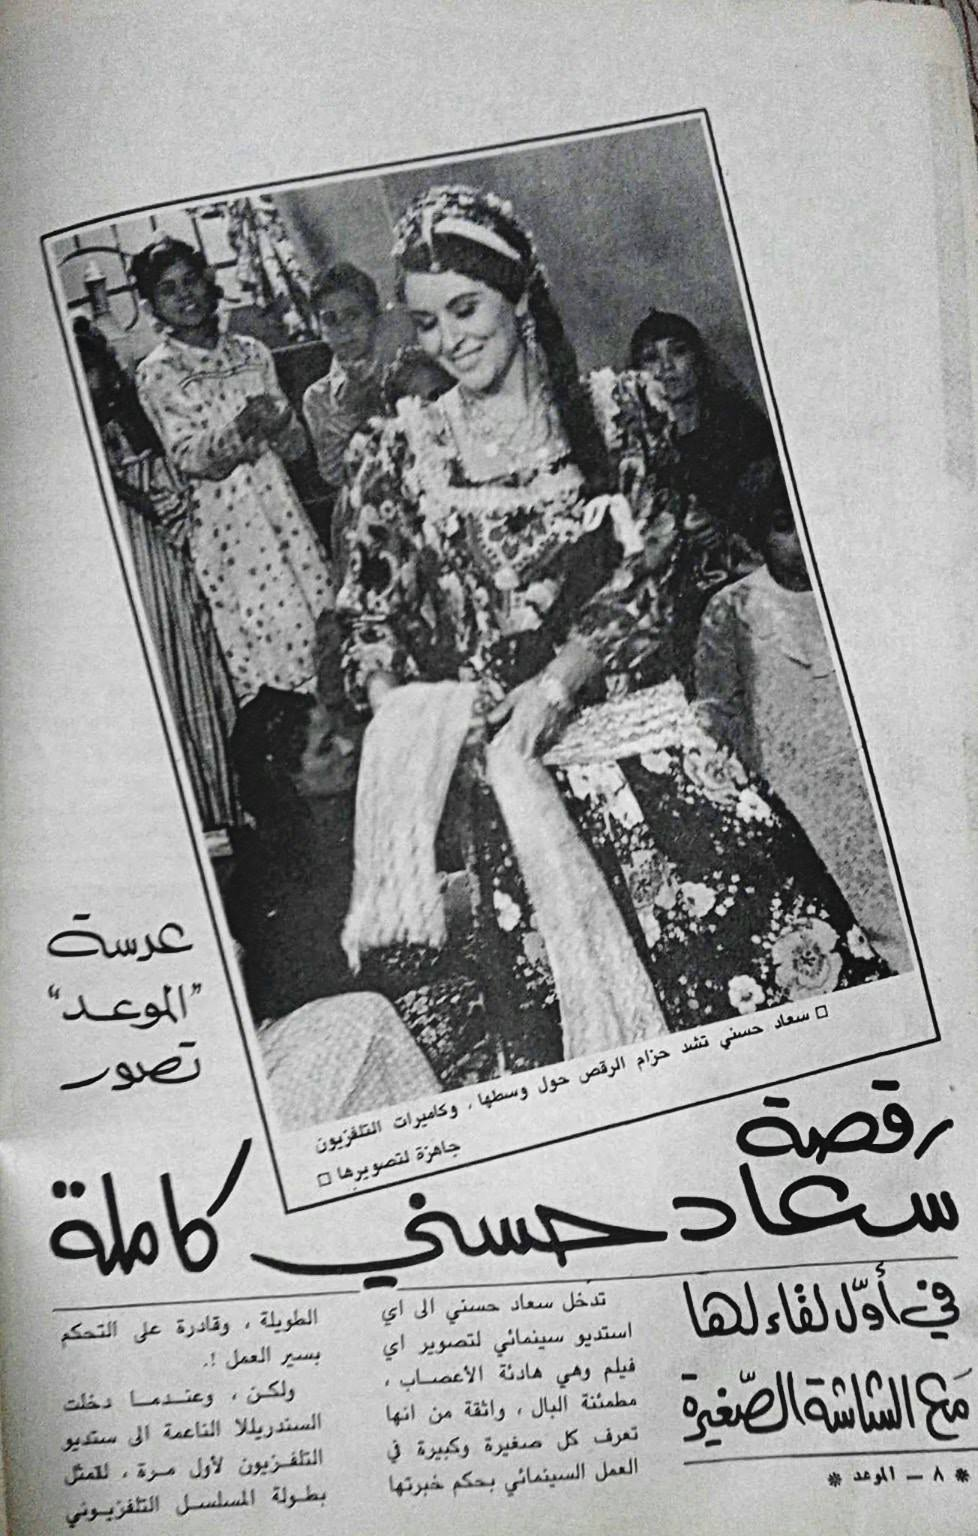 مقال صحفي : رقصة سعاد حسني كاملة 1985 م 119